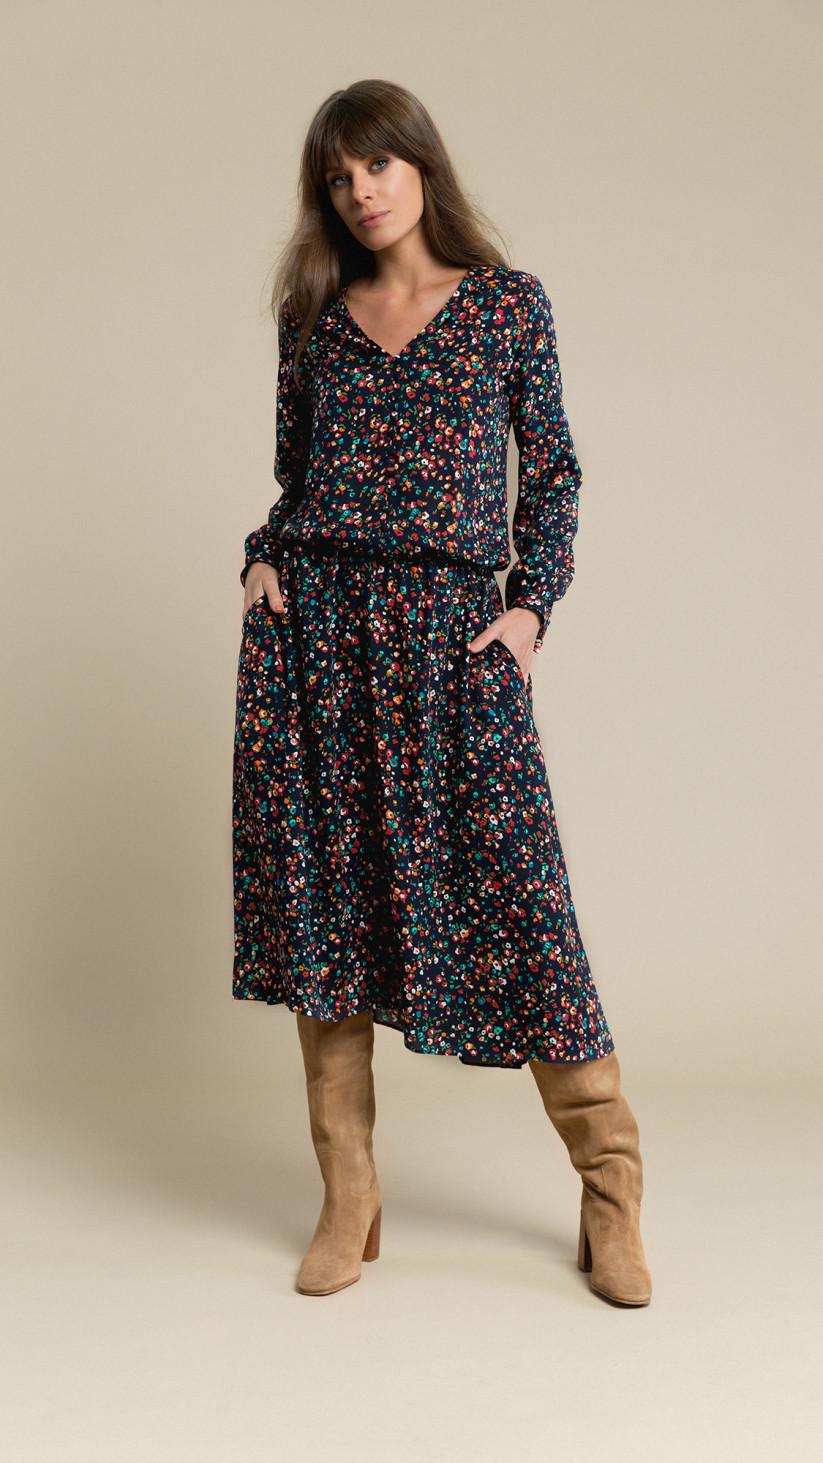 Sukienka Alice | Granat Multikolor | Rozkloszowana midi z długim rękawem